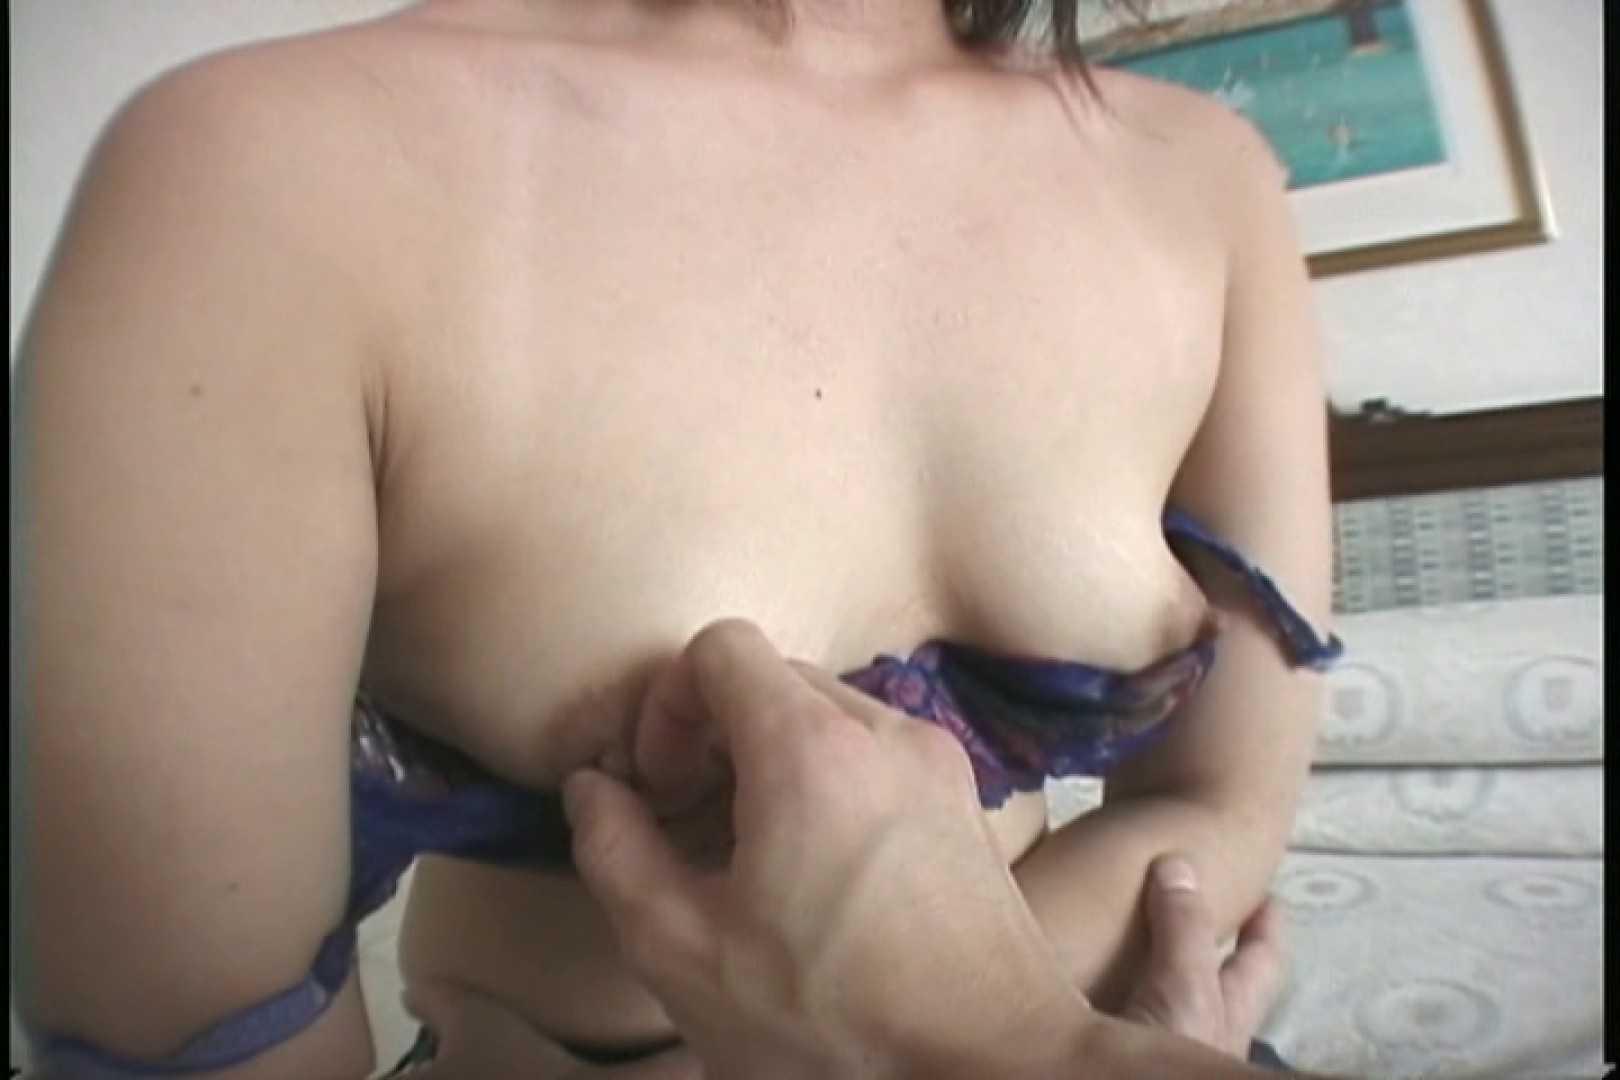 初めてのビデオ撮影に緊張する素人OLとセックス~武田じゅん~ 素人 | ギャル達のセックス  82画像 42